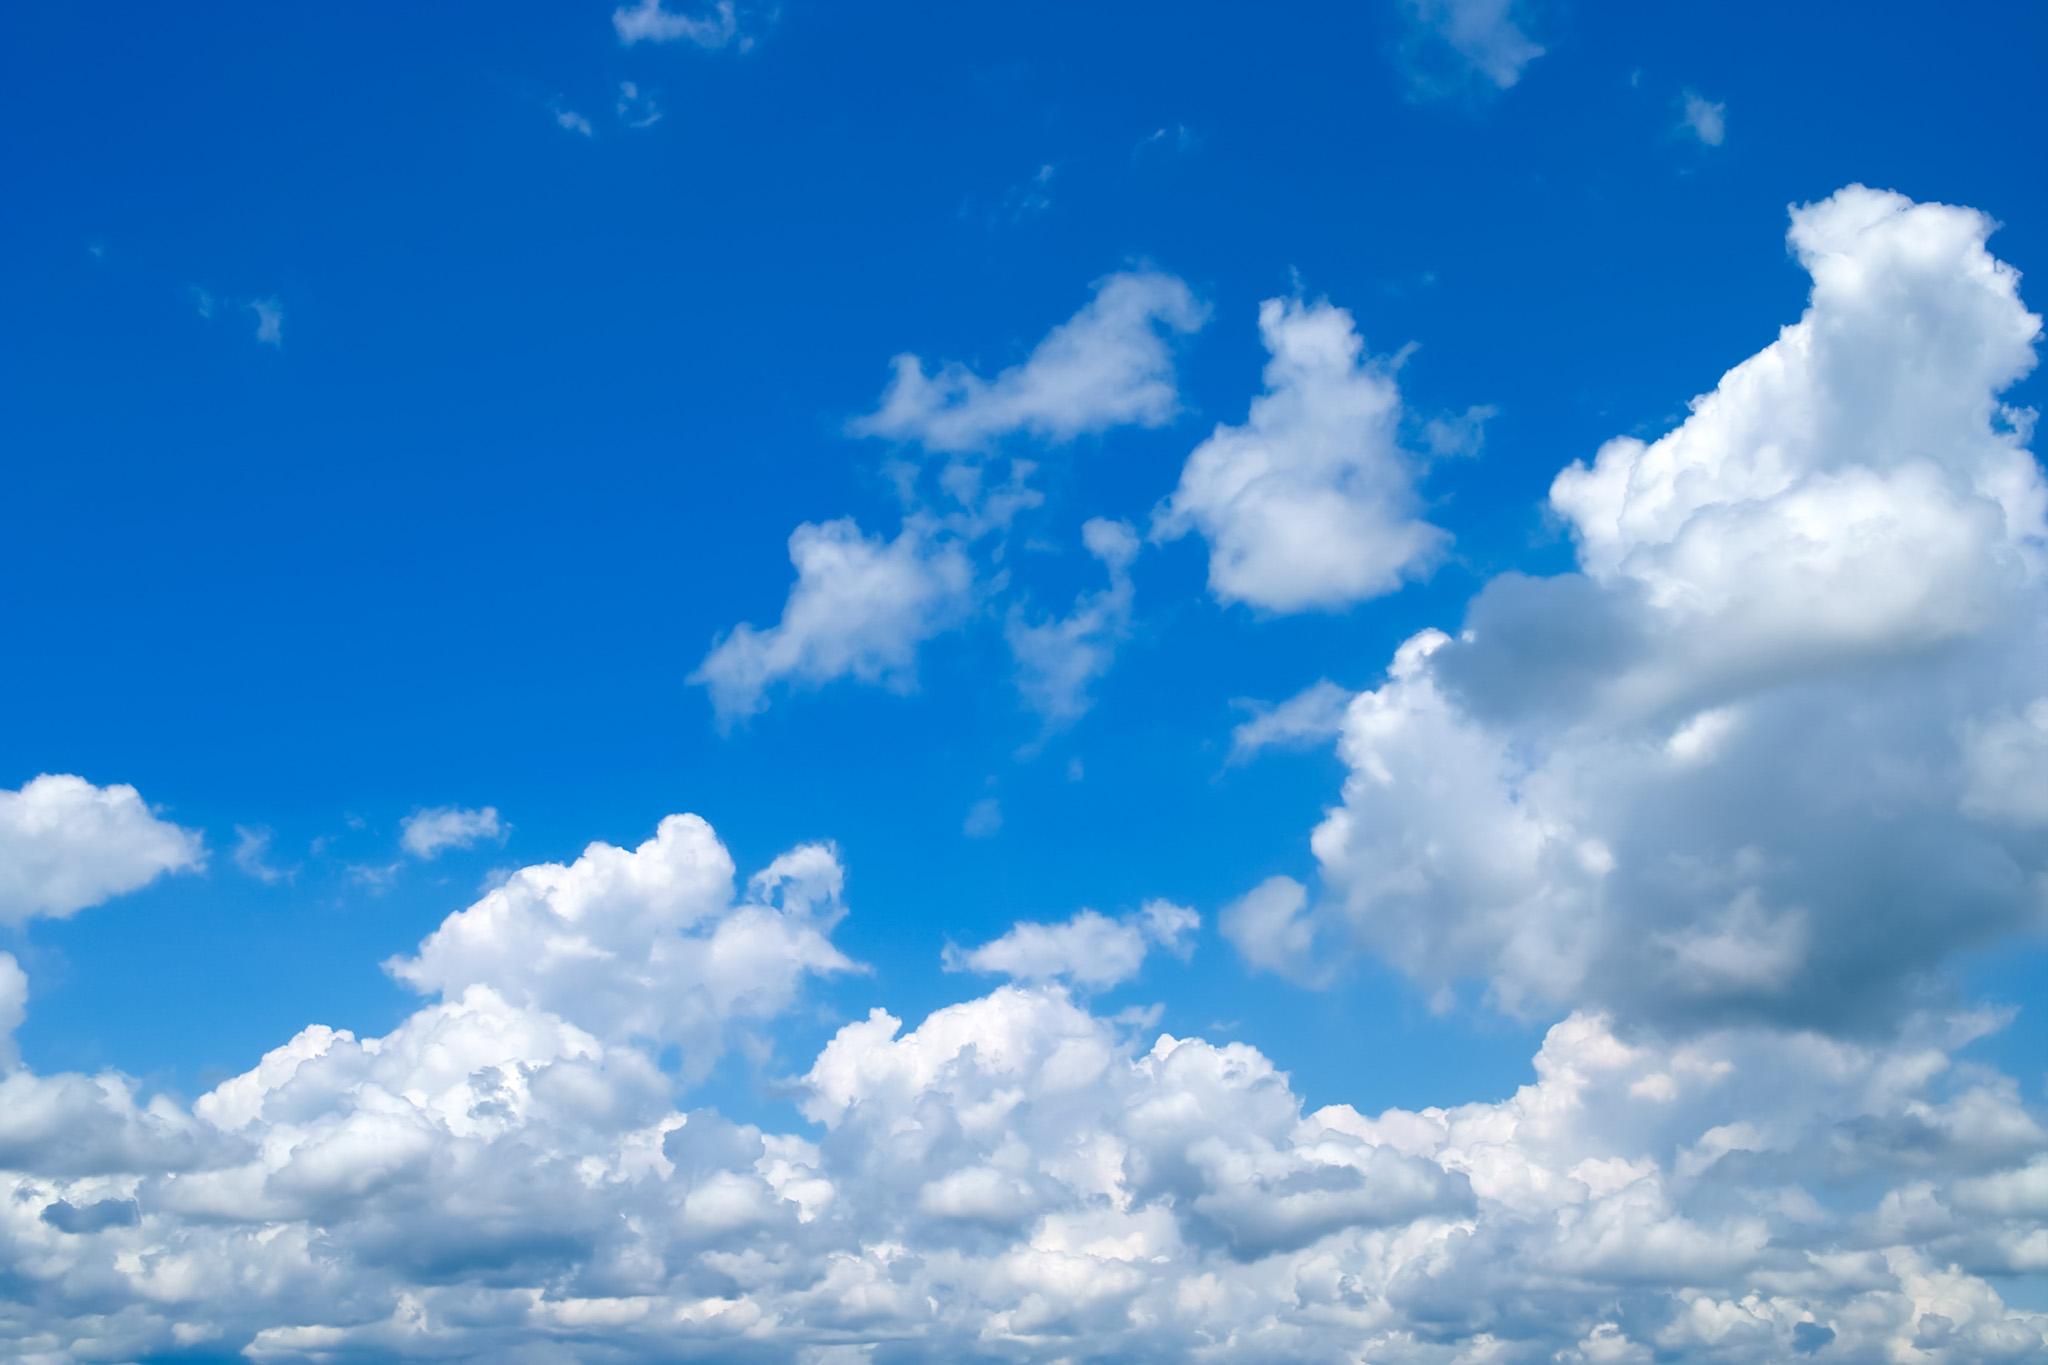 群青色の空に湧き出て来る雲